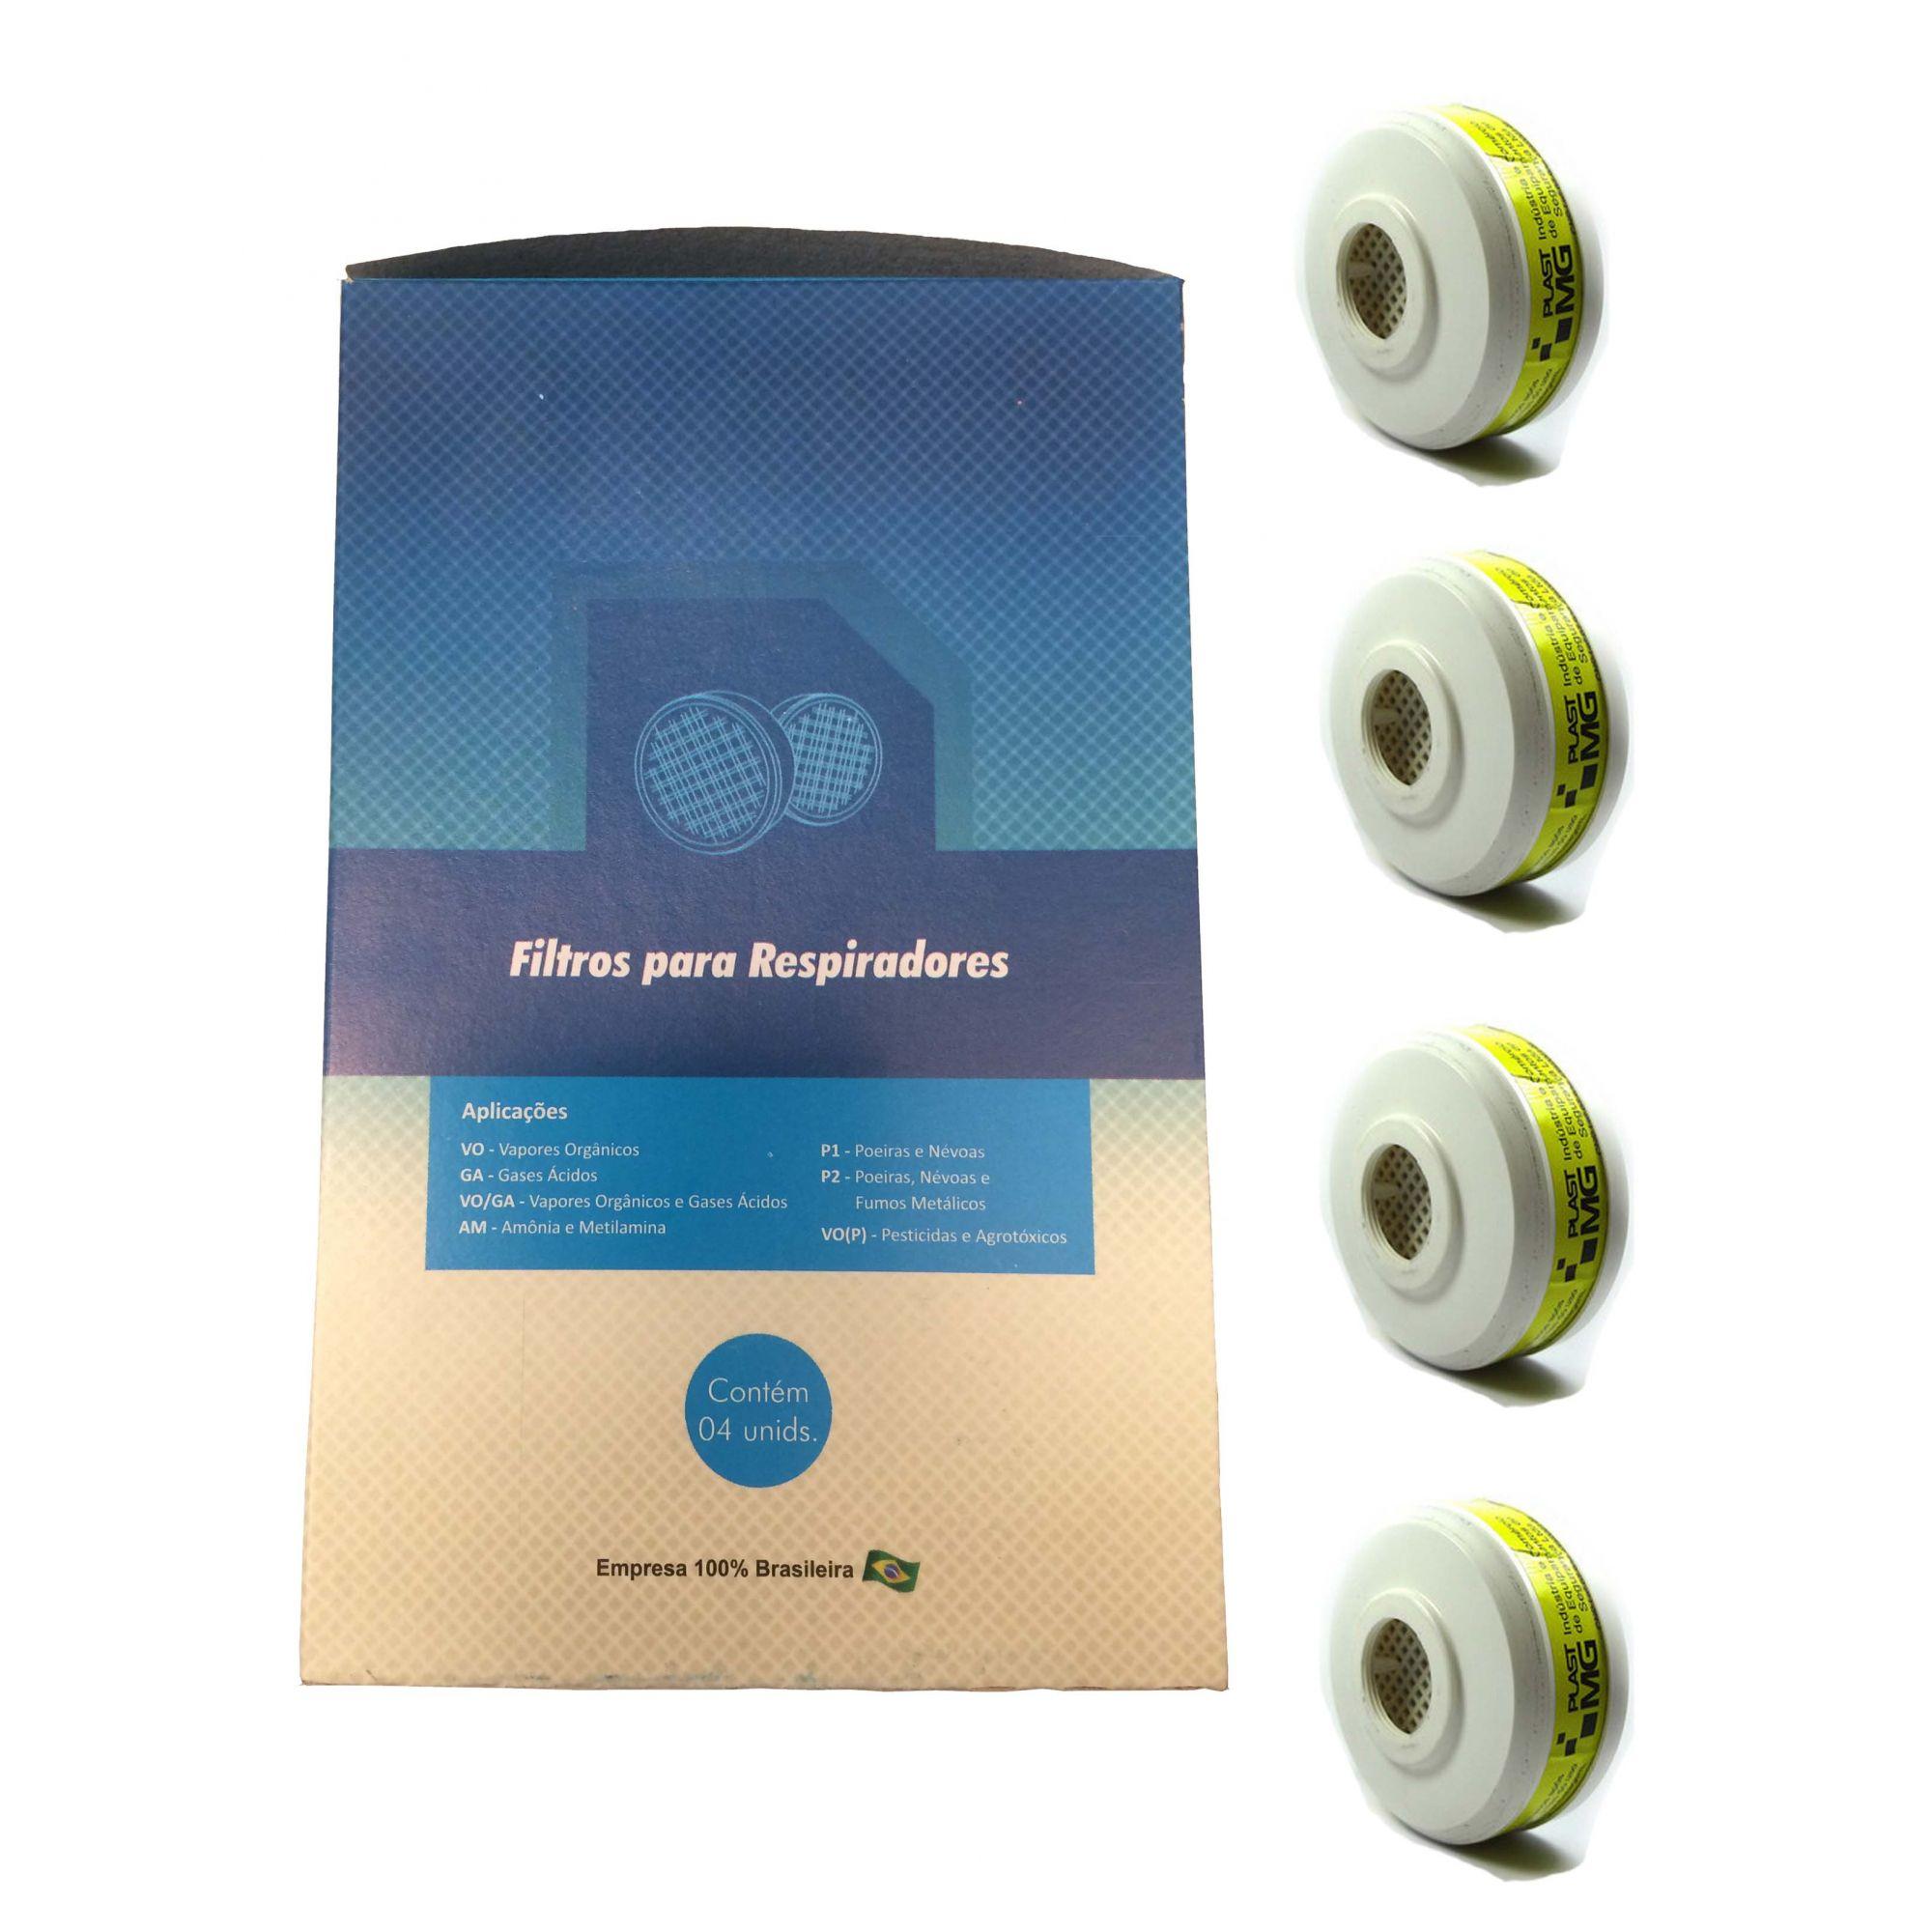 Filtro Químico VO/GA contra Vapores Orgânicos e Gases Ácidos - Caixa com 4 unidades - Plastcor